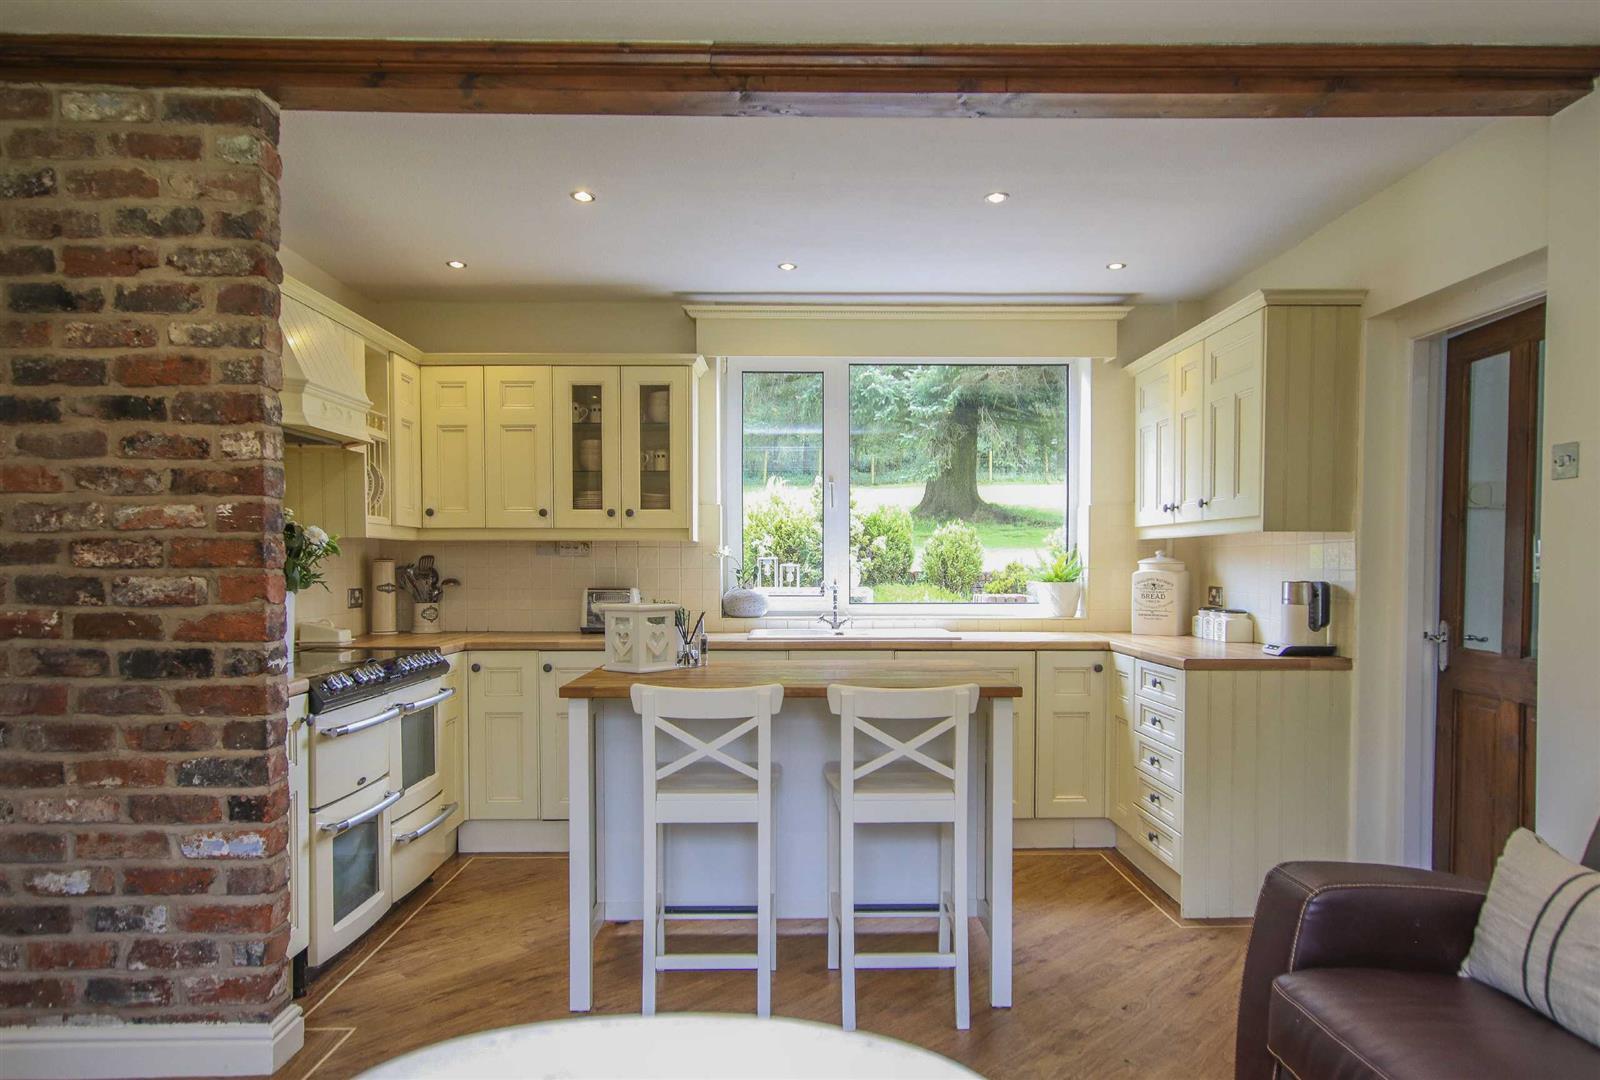 4 Bedroom Semi Detached Cottage For Sale - Image 5